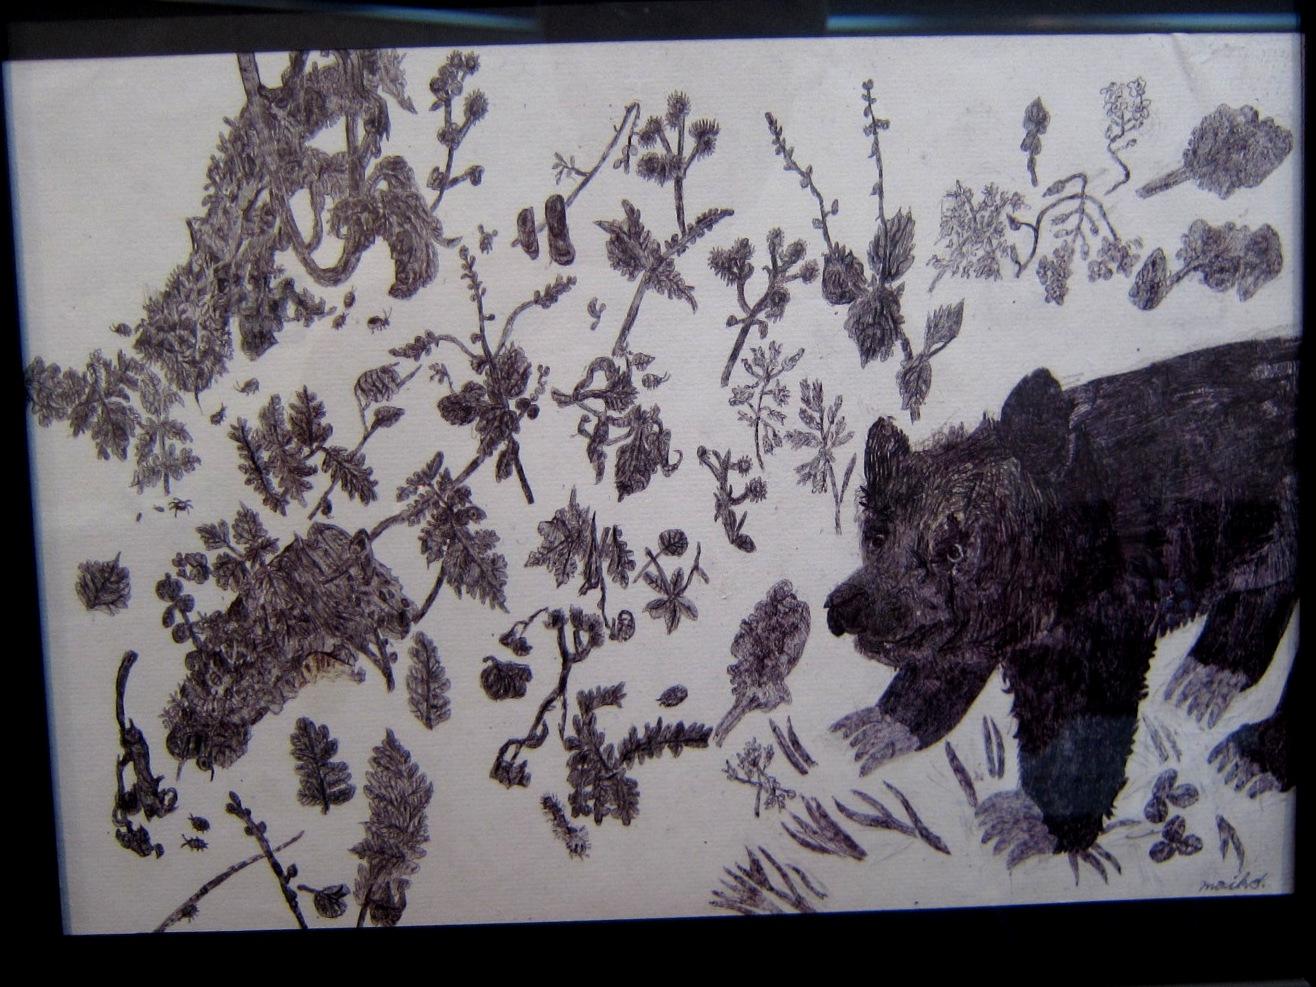 2163) 「鈴木麻衣子ボールペン画展 『クマと森』」 時計台 8月19日(月)~8月24日(土)   _f0126829_1371679.jpg